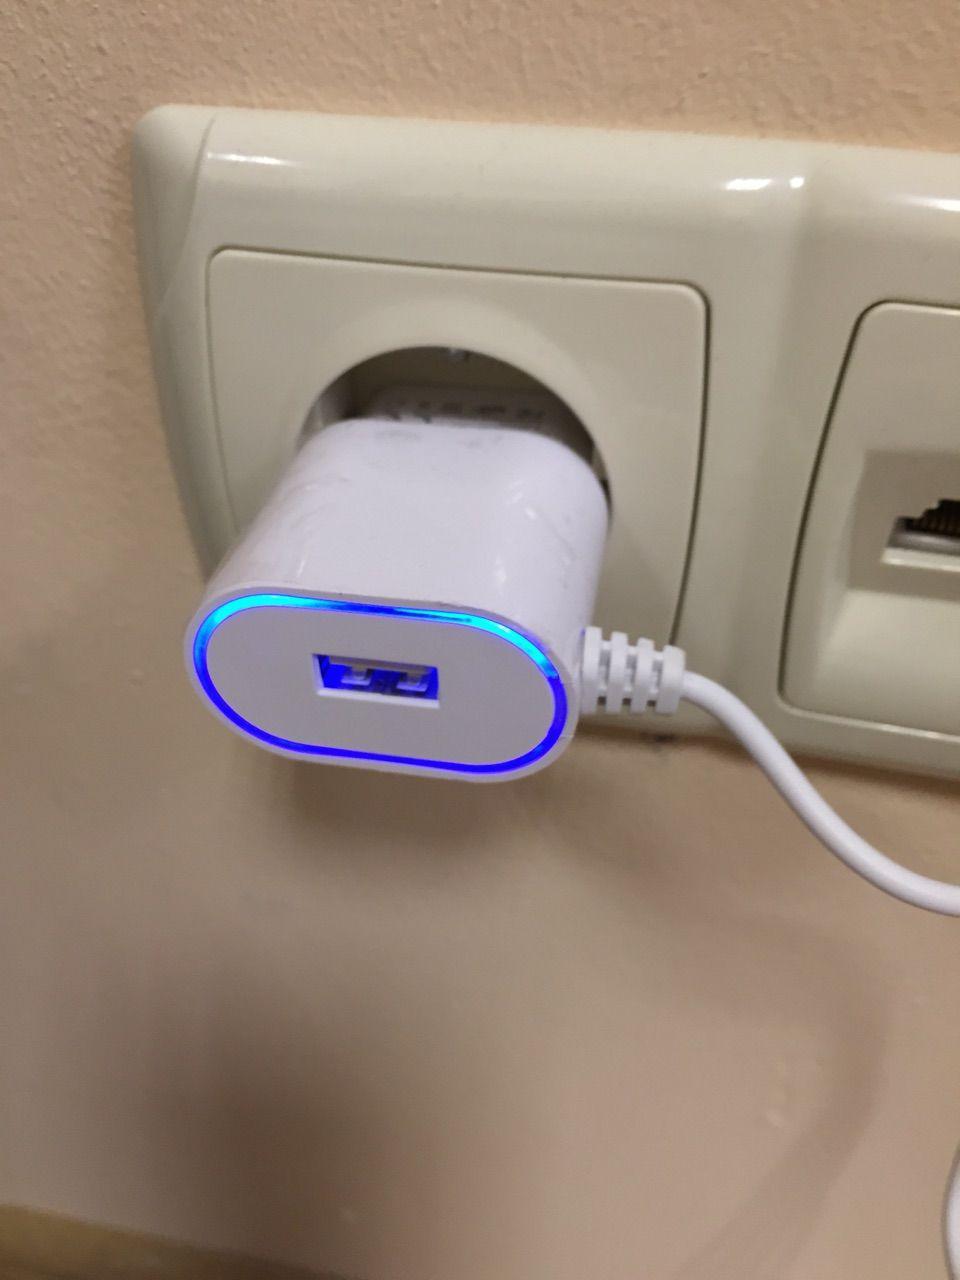 Зарядное устройство СЗУ ASPOR A802 IPHONE 5/6/7 1A + USB с подсветкой, для айфона